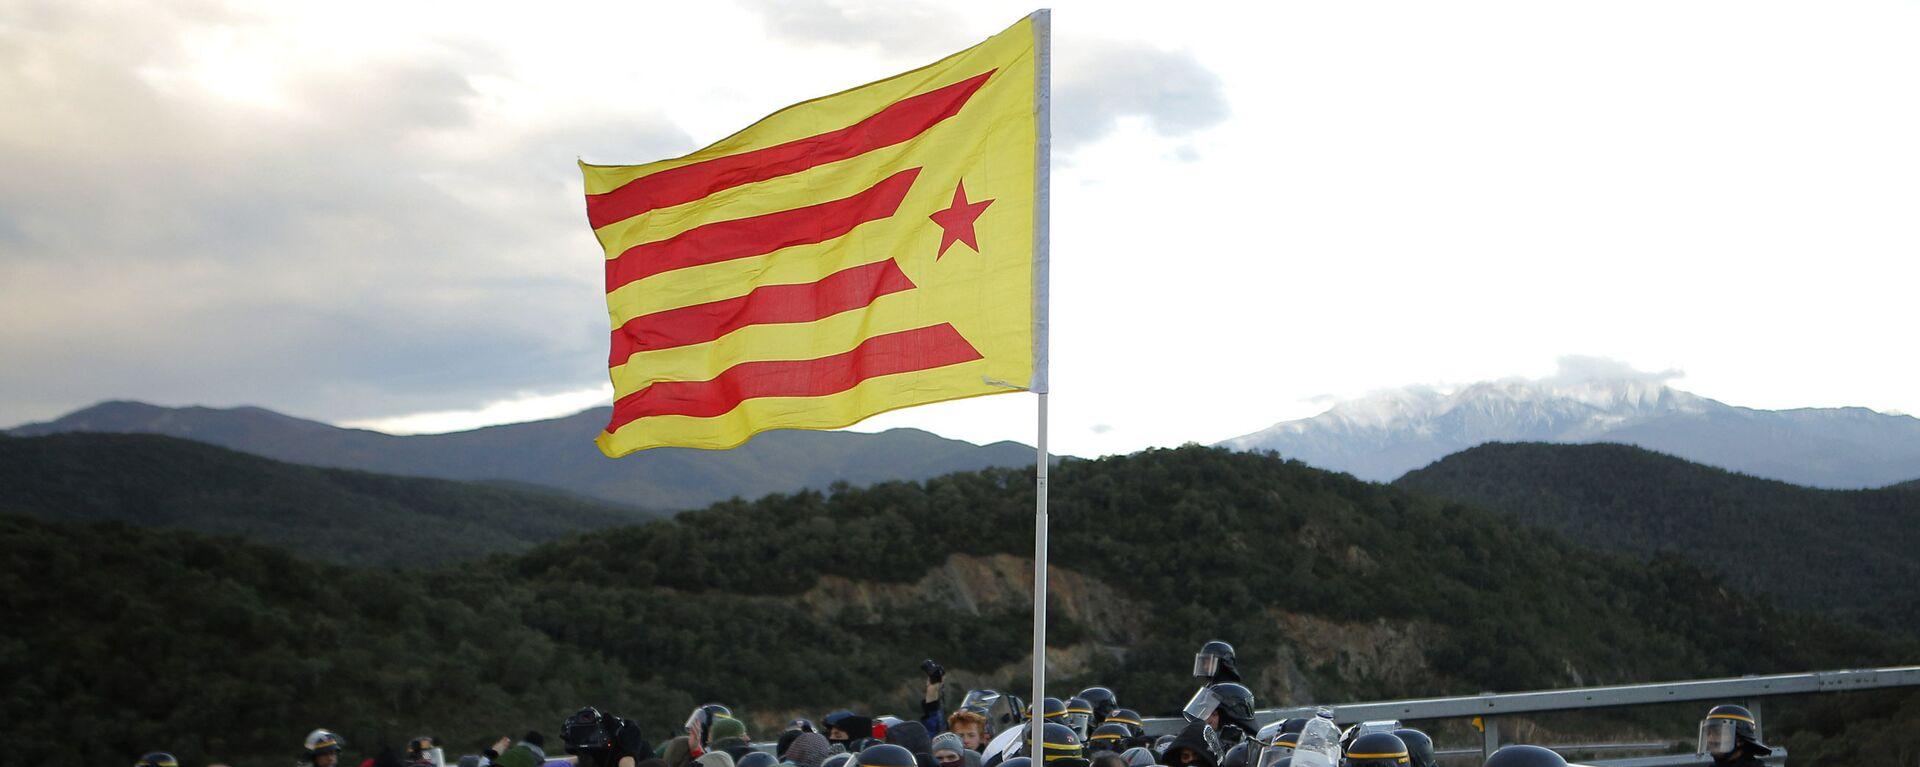 Des manifestants catalans bloquent une autoroute entre la France et l'Espagne le 12 novembre - Sputnik France, 1920, 24.09.2021